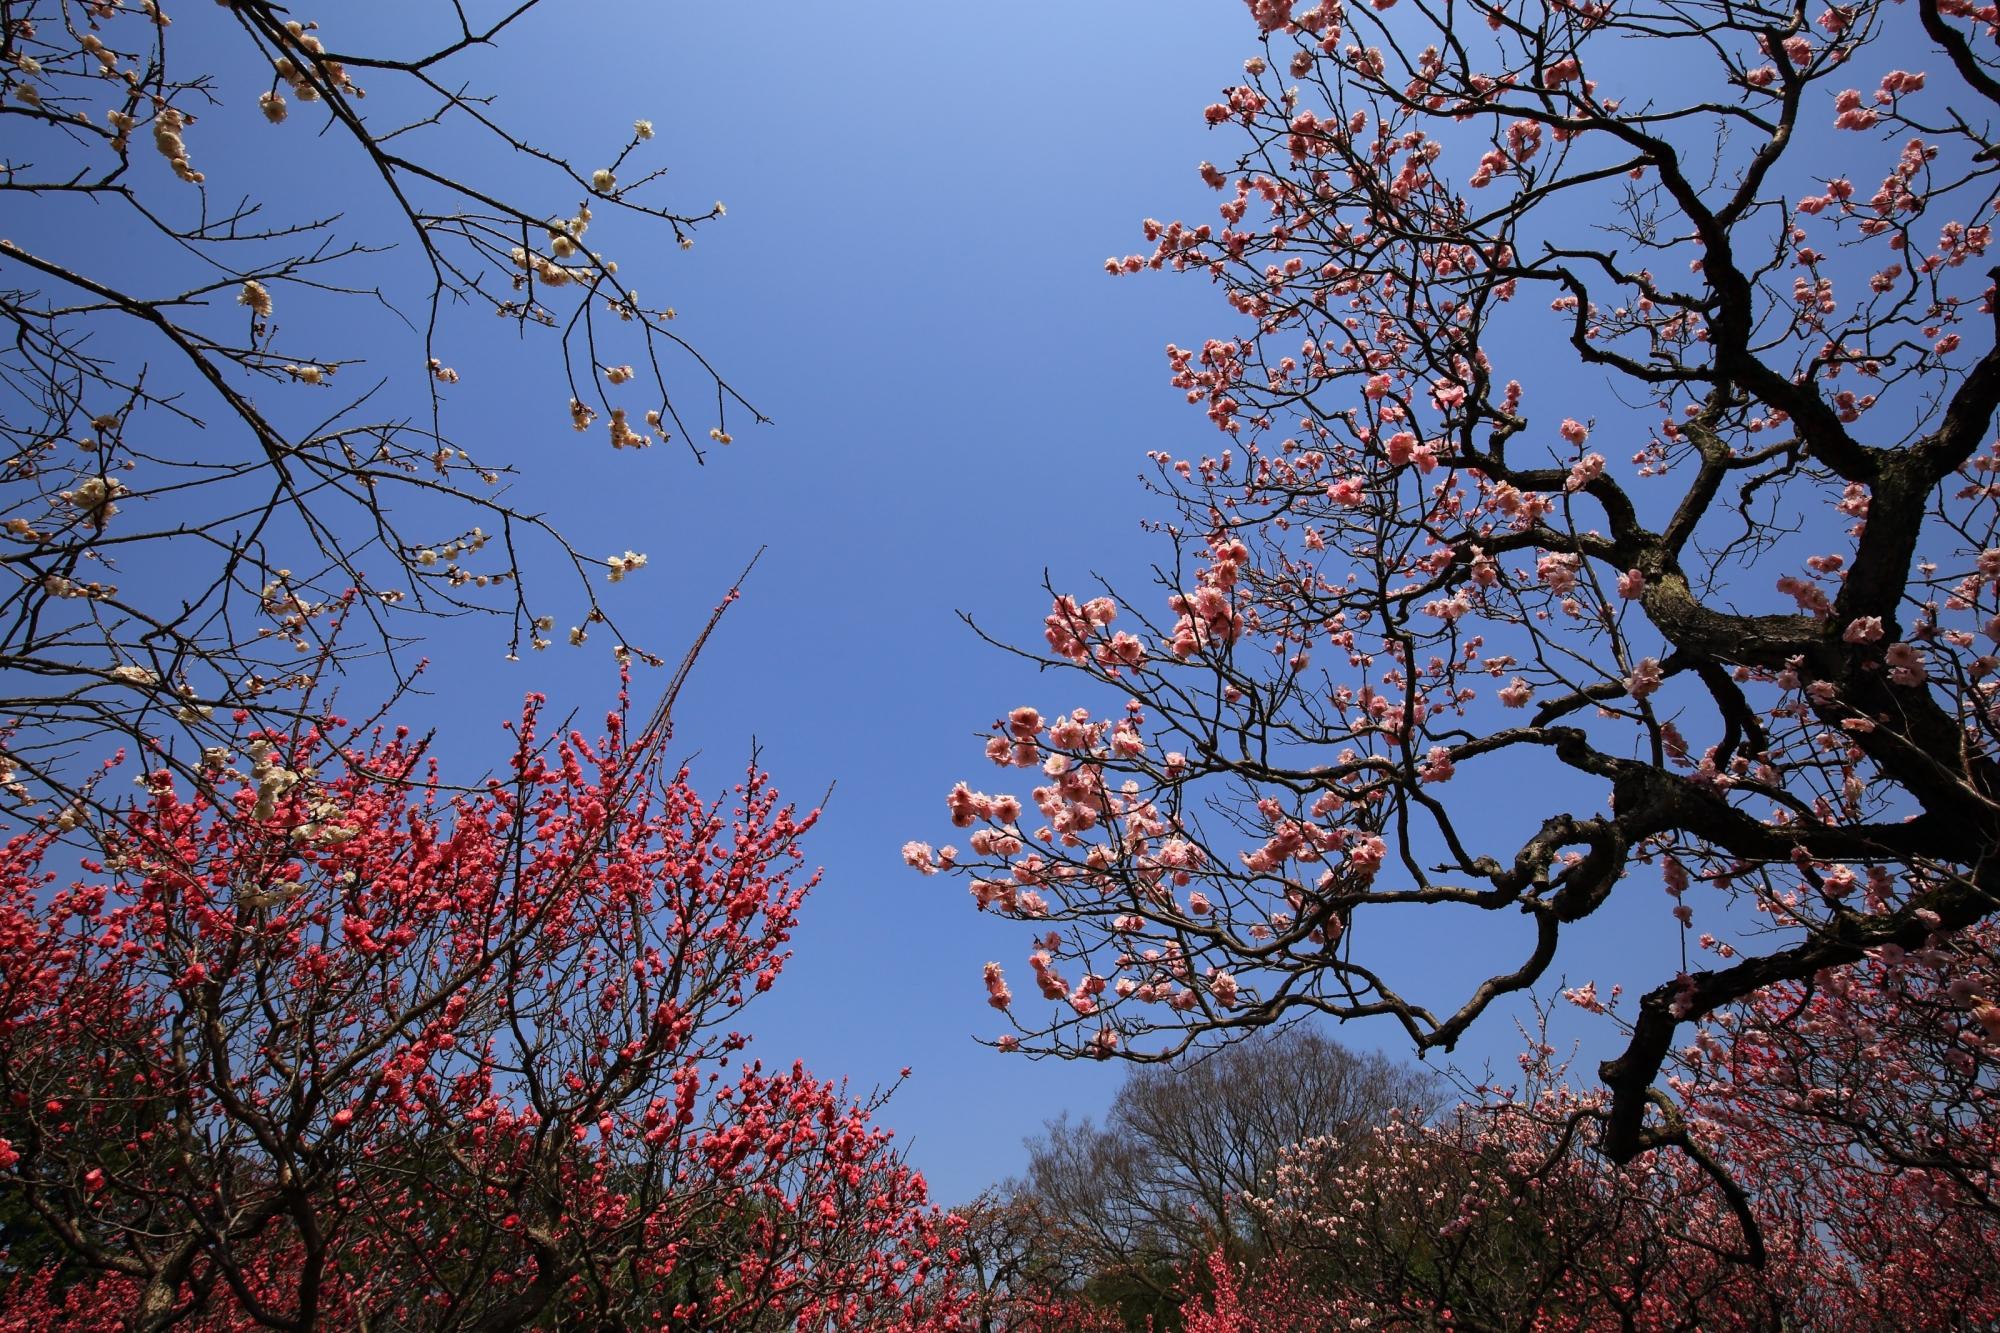 青空をそめる色とりどりの梅の花